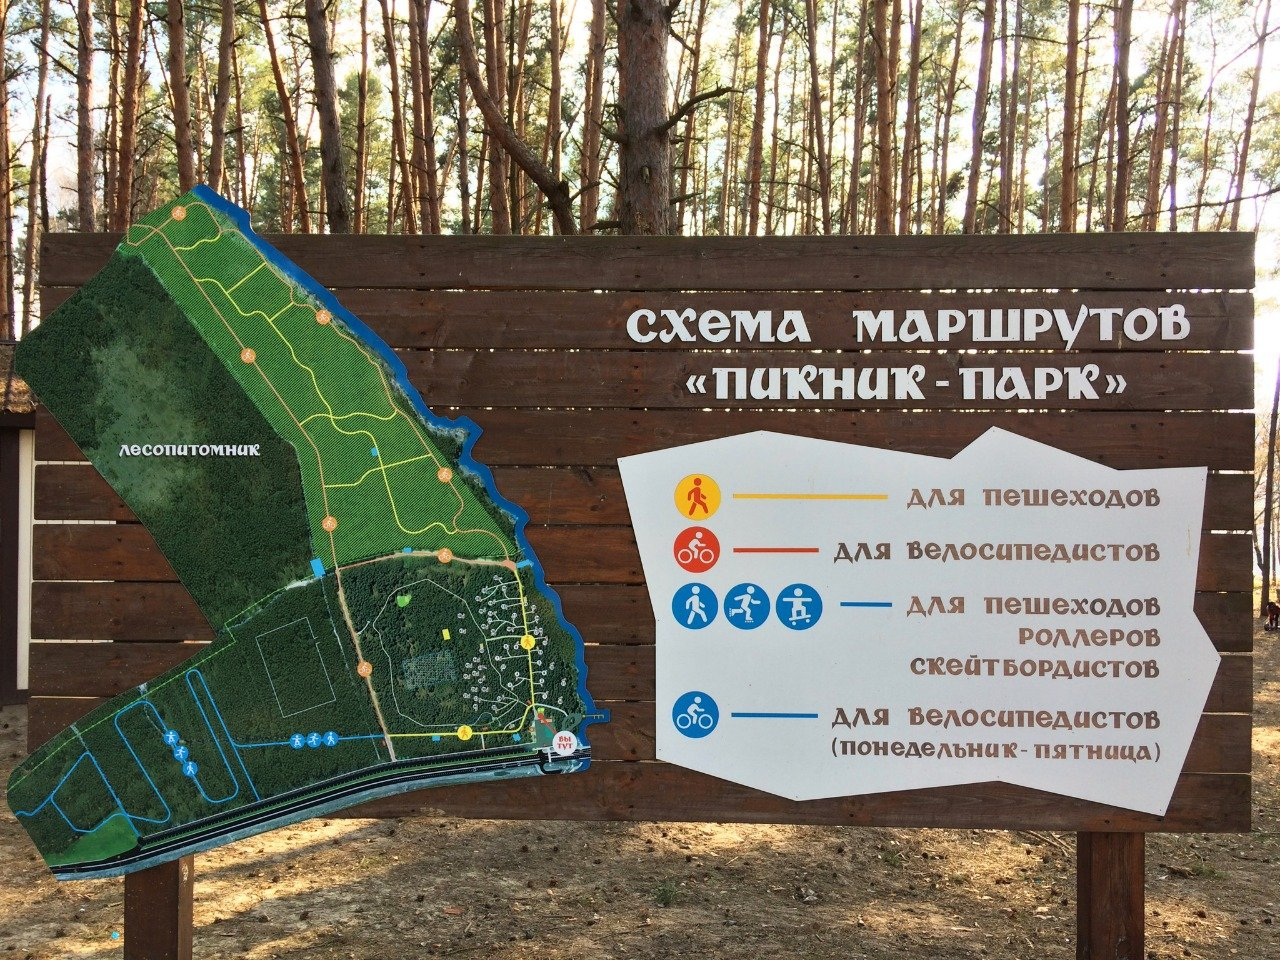 Сосновый лес в 15 минутах от Белгорода со всем необходимым для отдыха